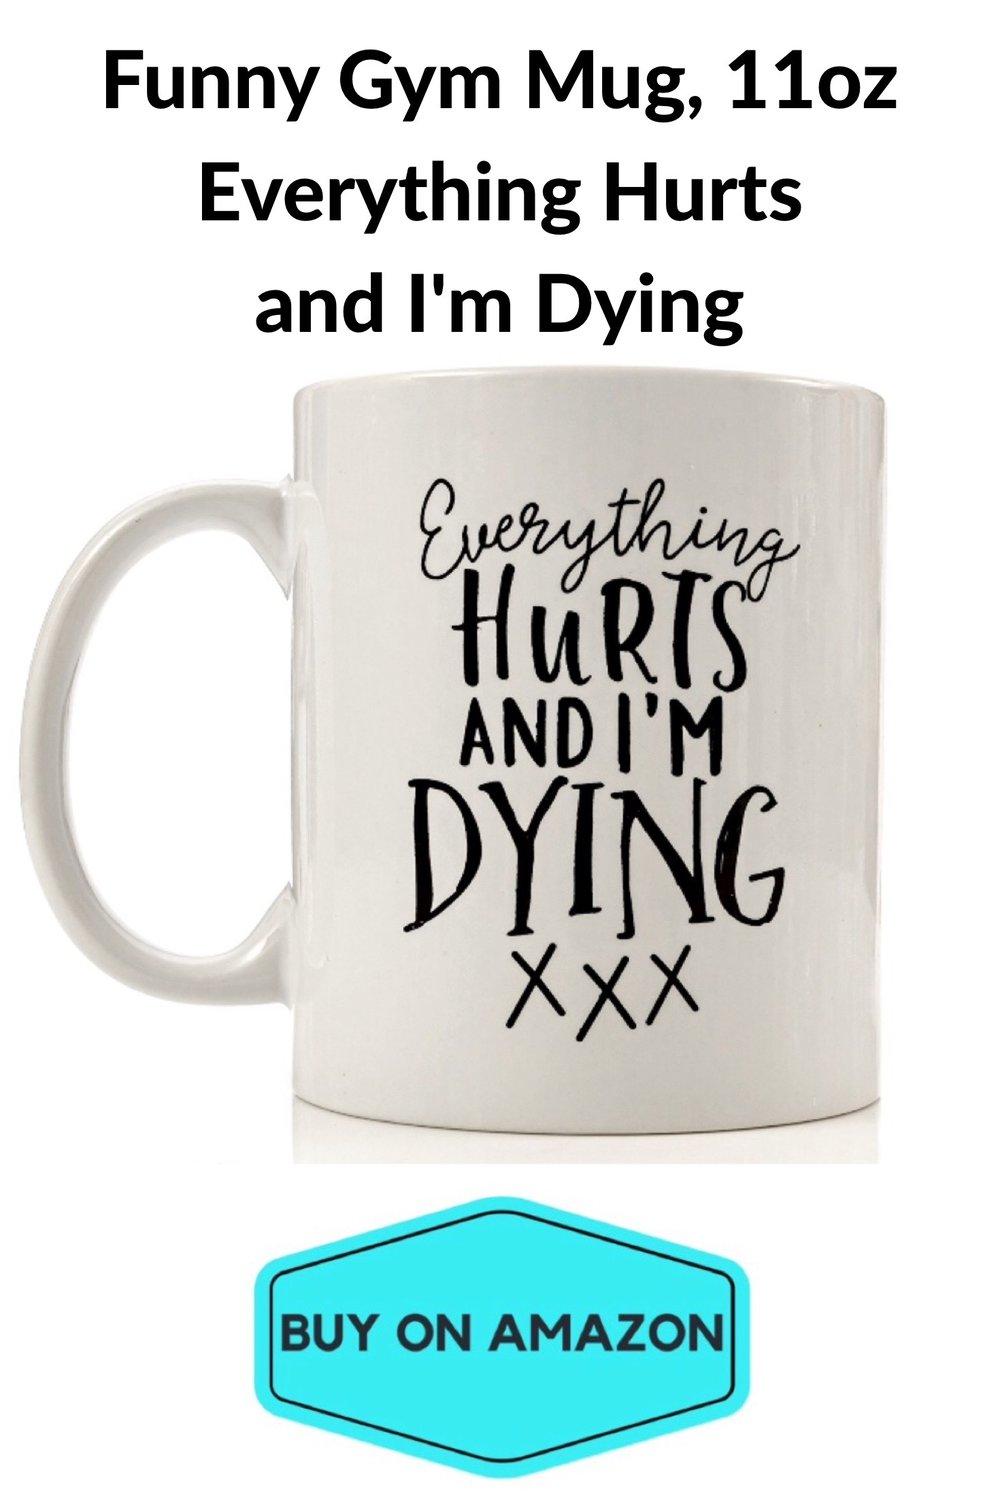 'Everything Hurts and I'm Dying' Mug